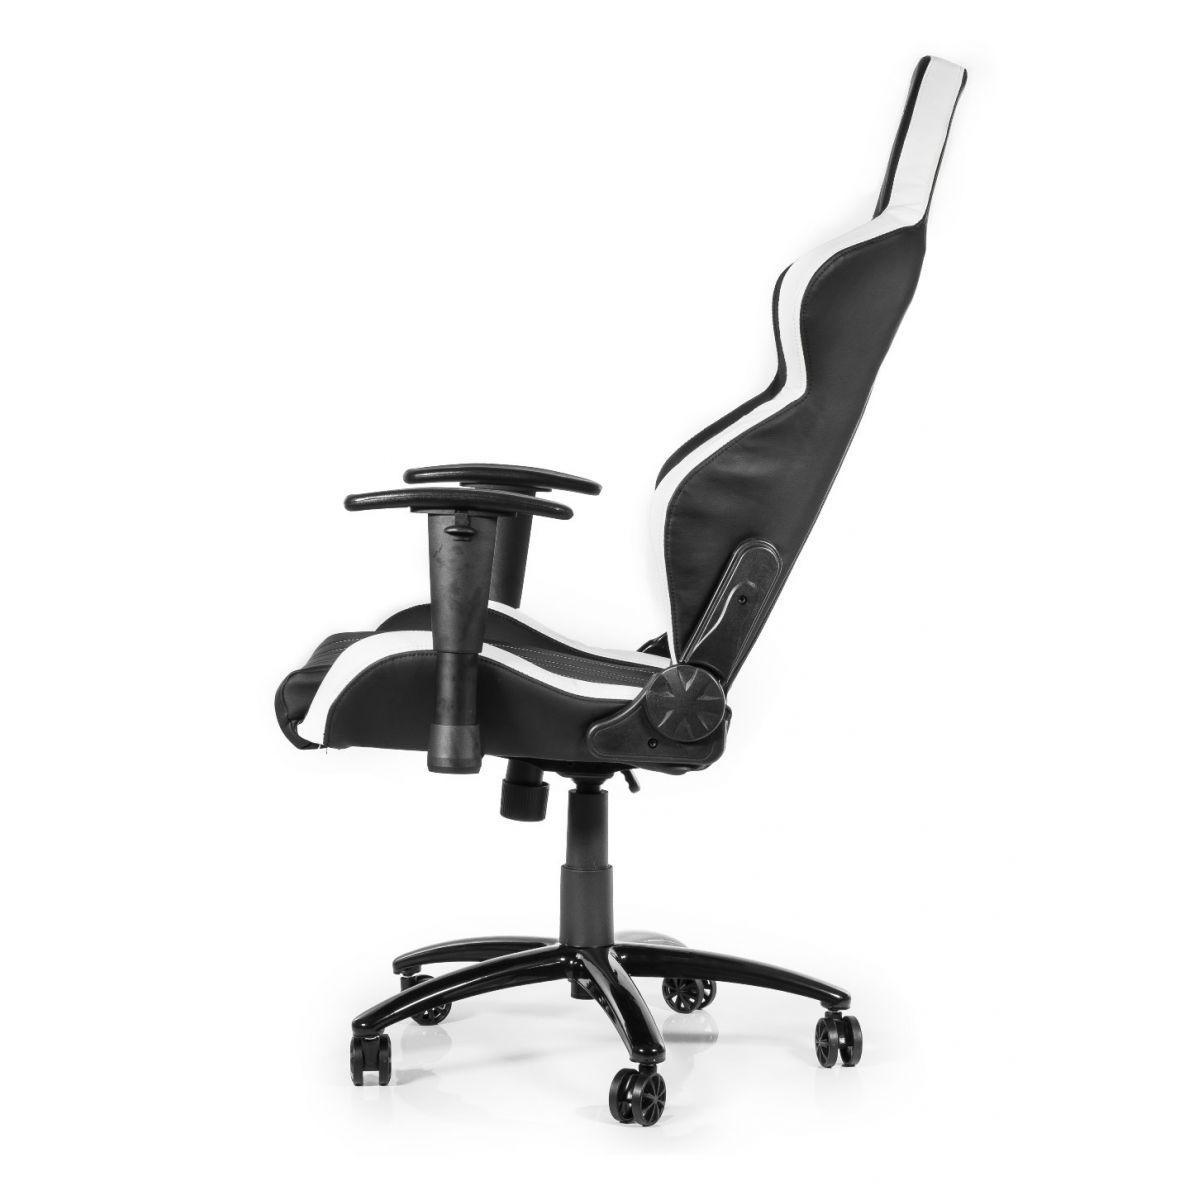 Cadeira AKRacing Player Gaming Black/White AK-K6014-BW - AKRacing